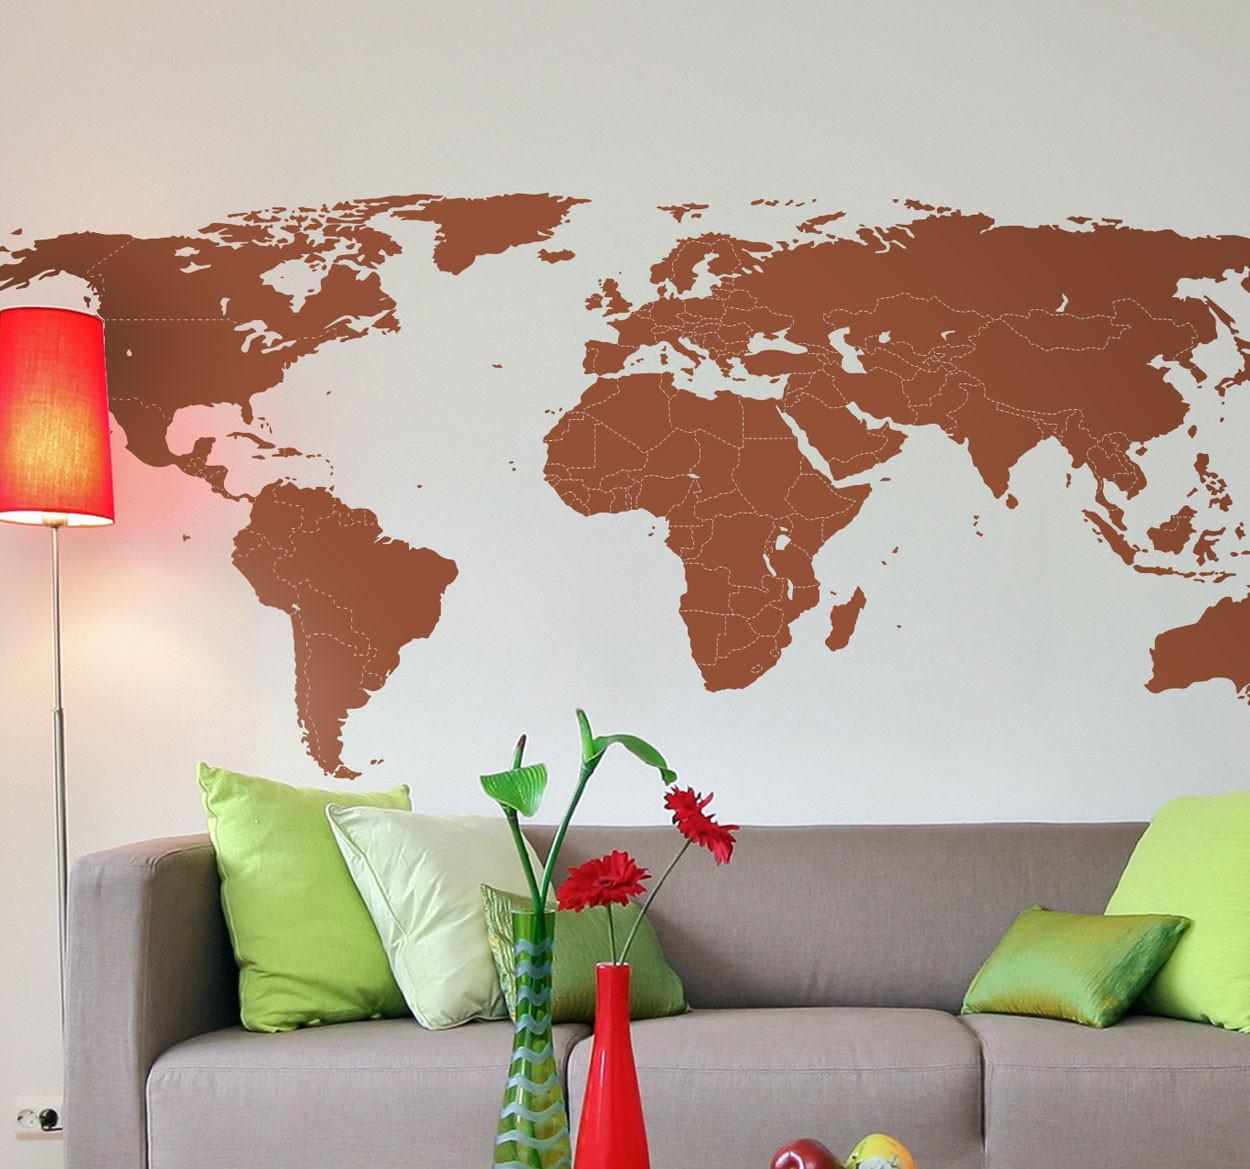 winactie-muursticker-wereldmap-met-grenzen